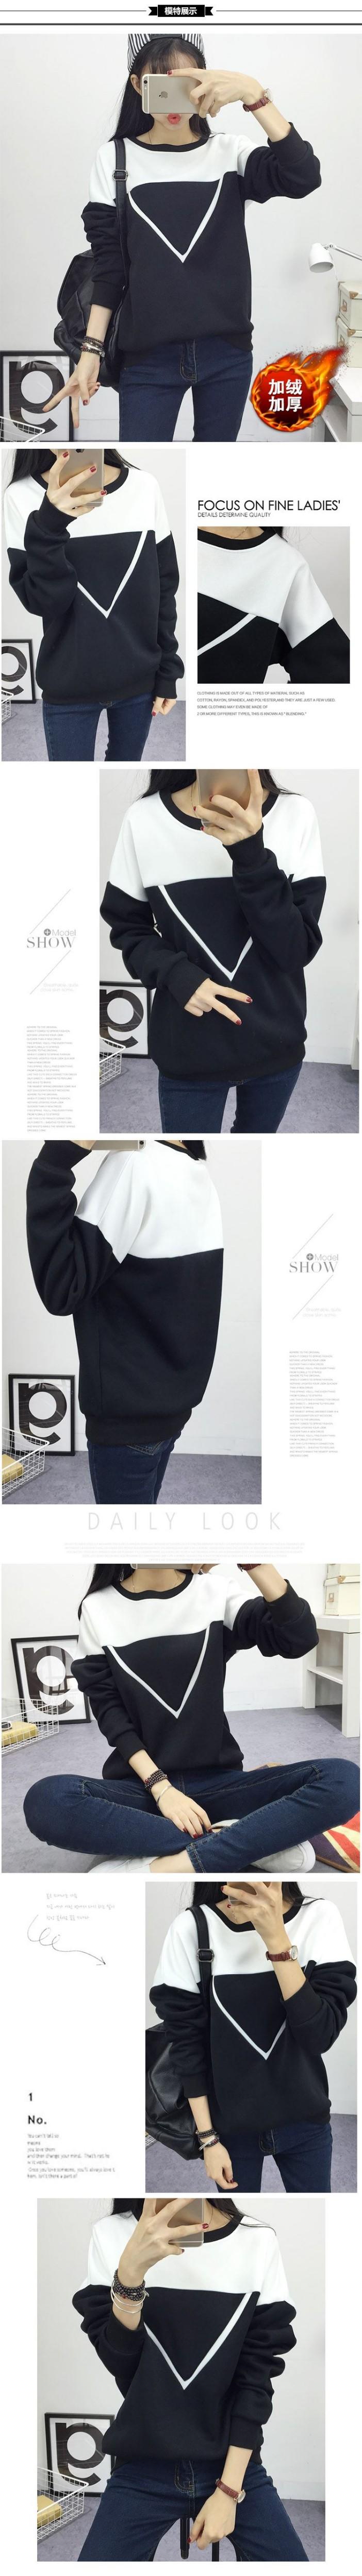 2017 Zima Nowe Mody Czarny i Biały Kolor Czar Patchwork Swetry Kobiety V Wzór Pullover Kobiet Dres M-XXL 7